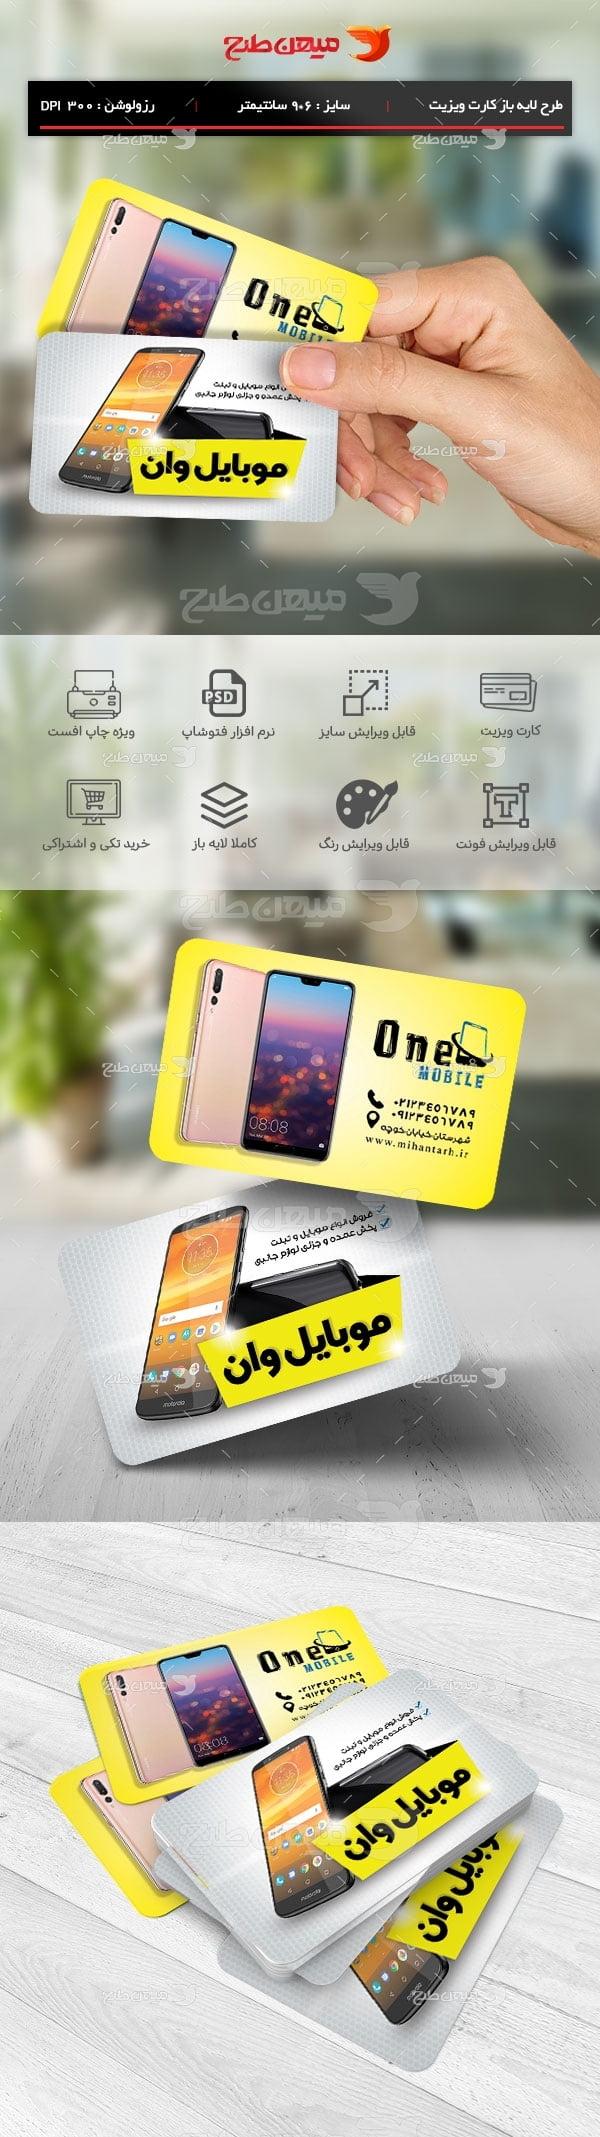 طرح لایه باز کارت ویزیت موبایل فروشی